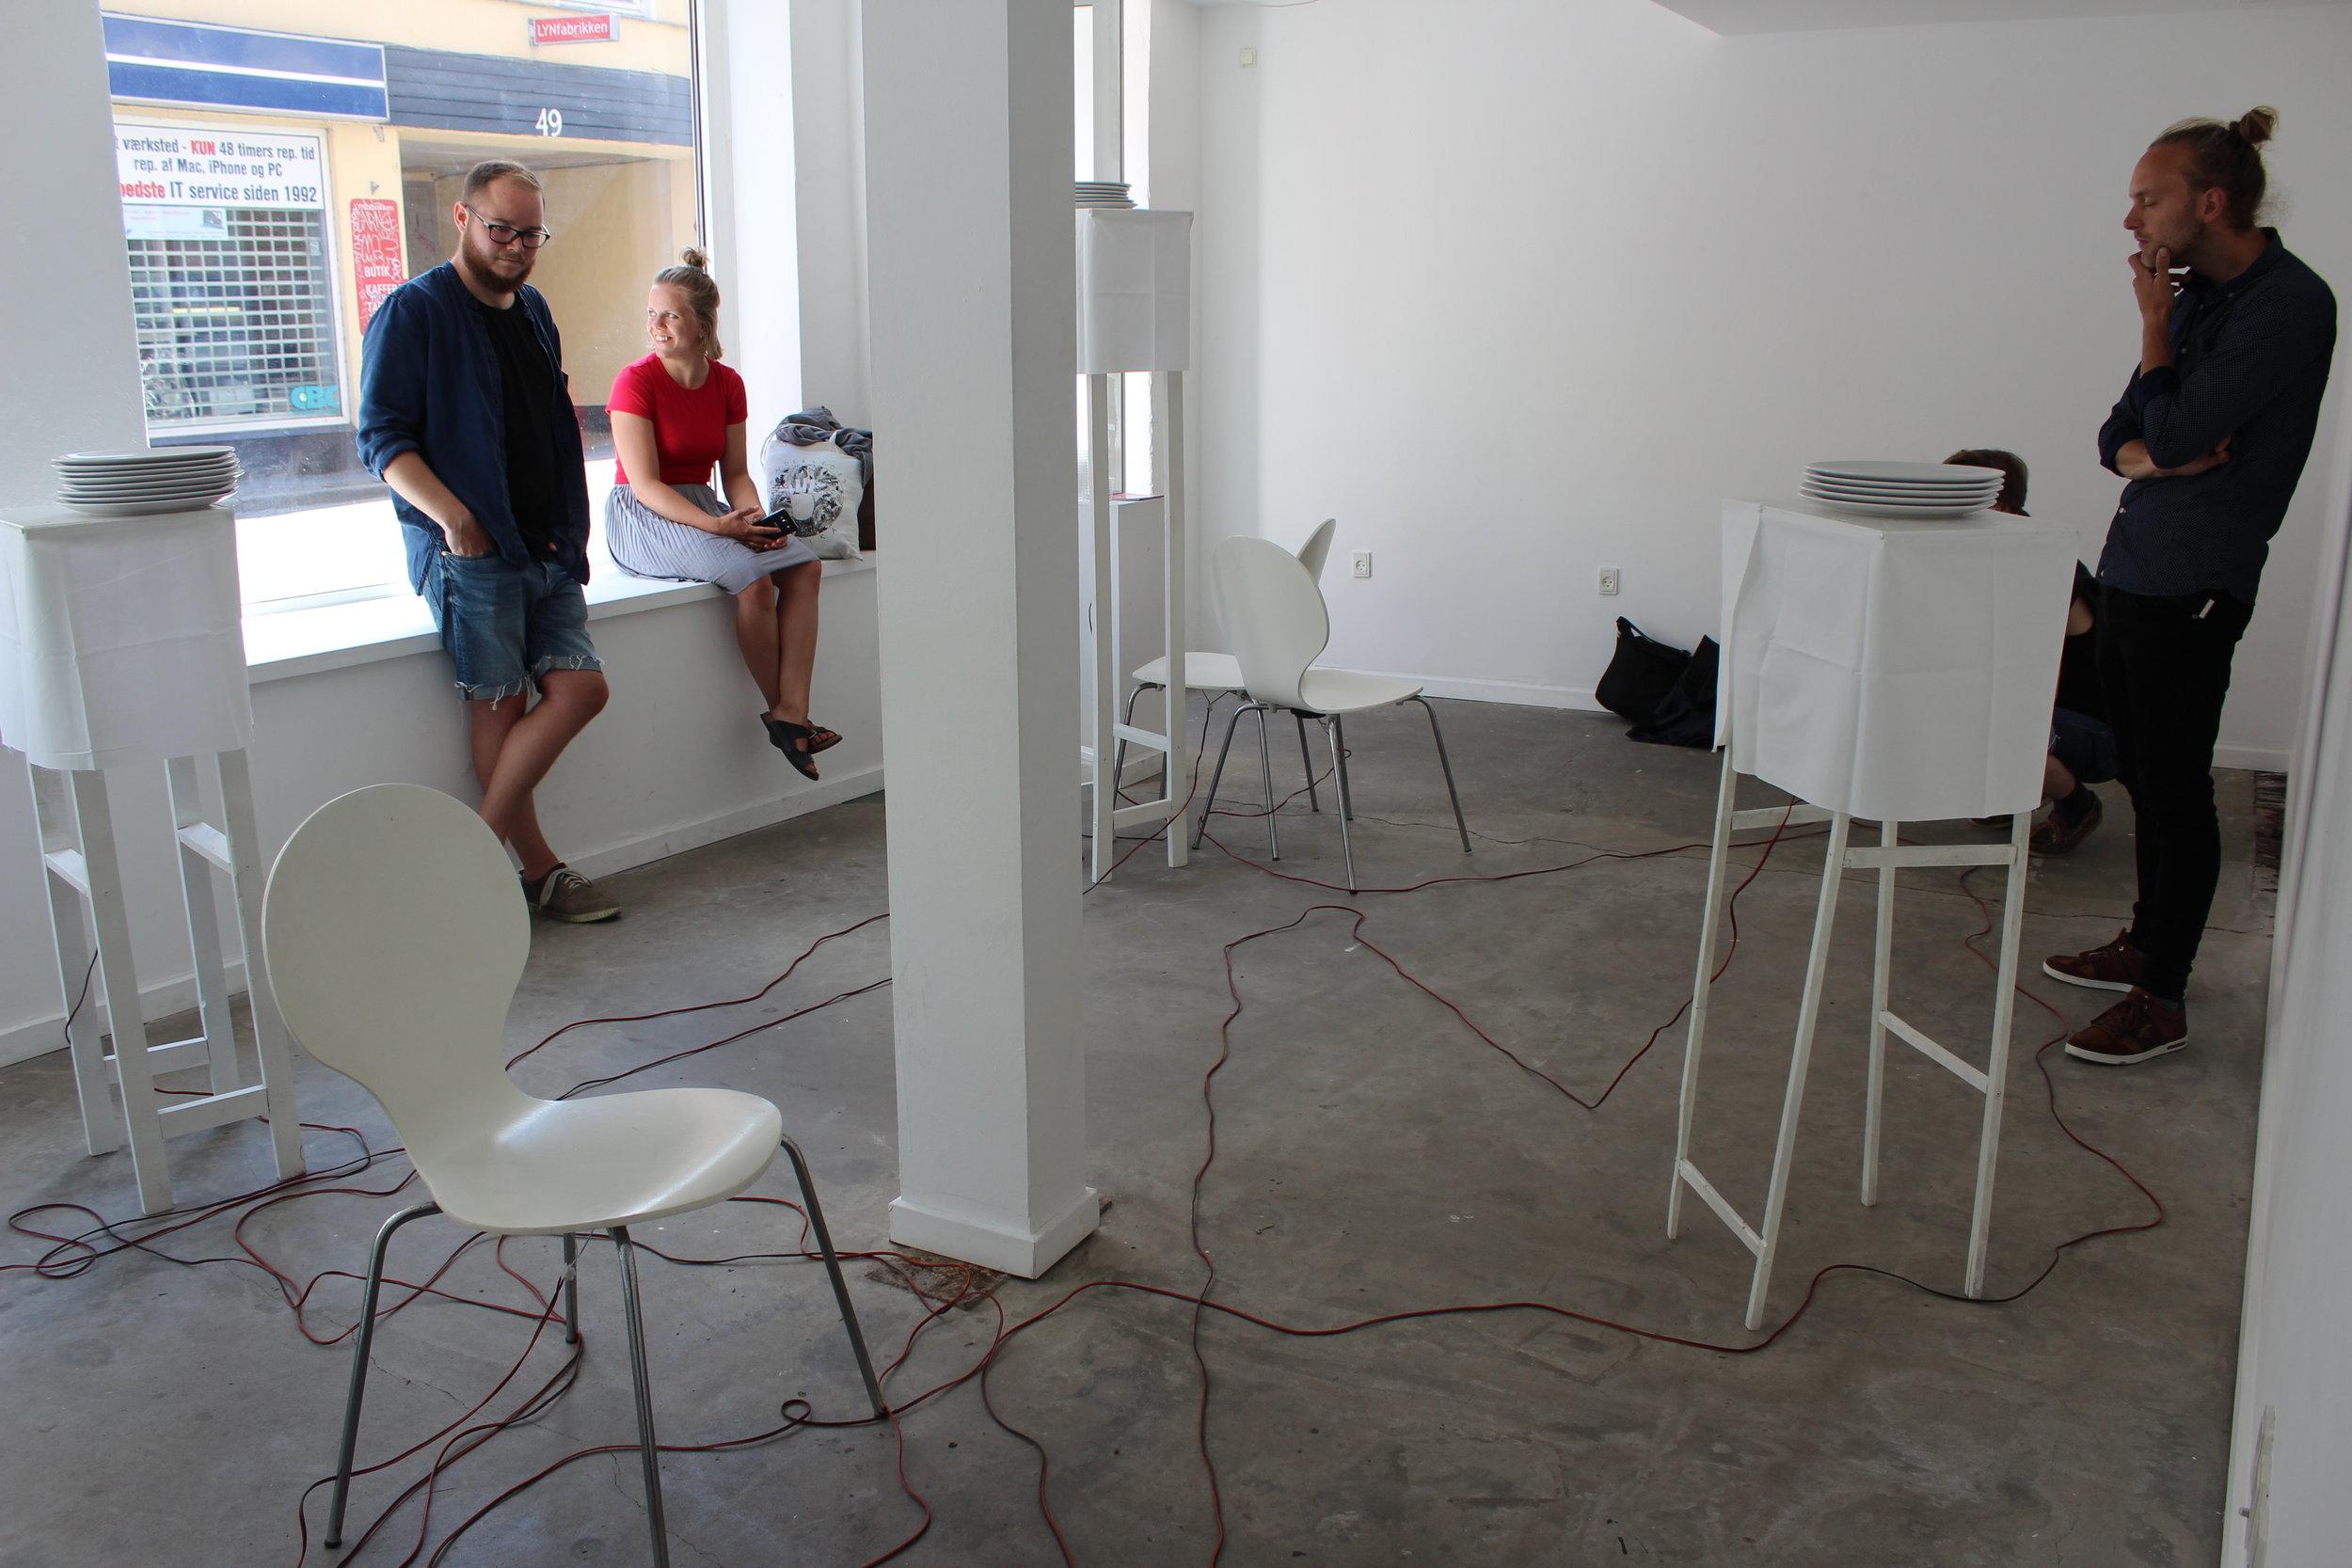 Tremor_Aarhus_09.07.2017 78.JPG